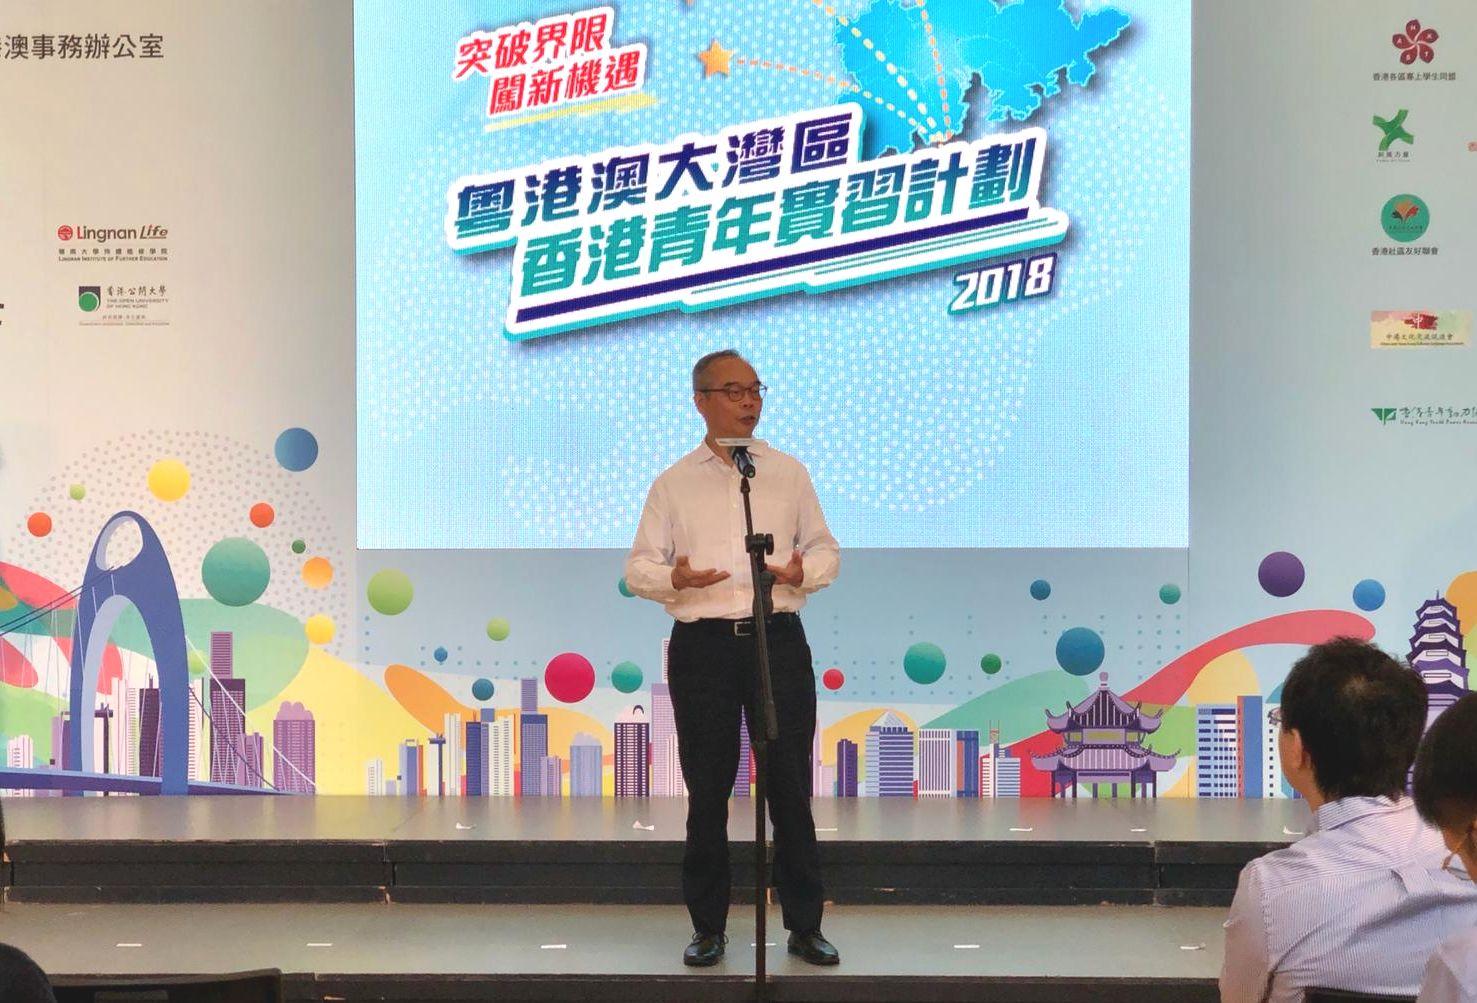 劉江華周日前往深圳,出席深港澳青年創業峰會。資料圖片